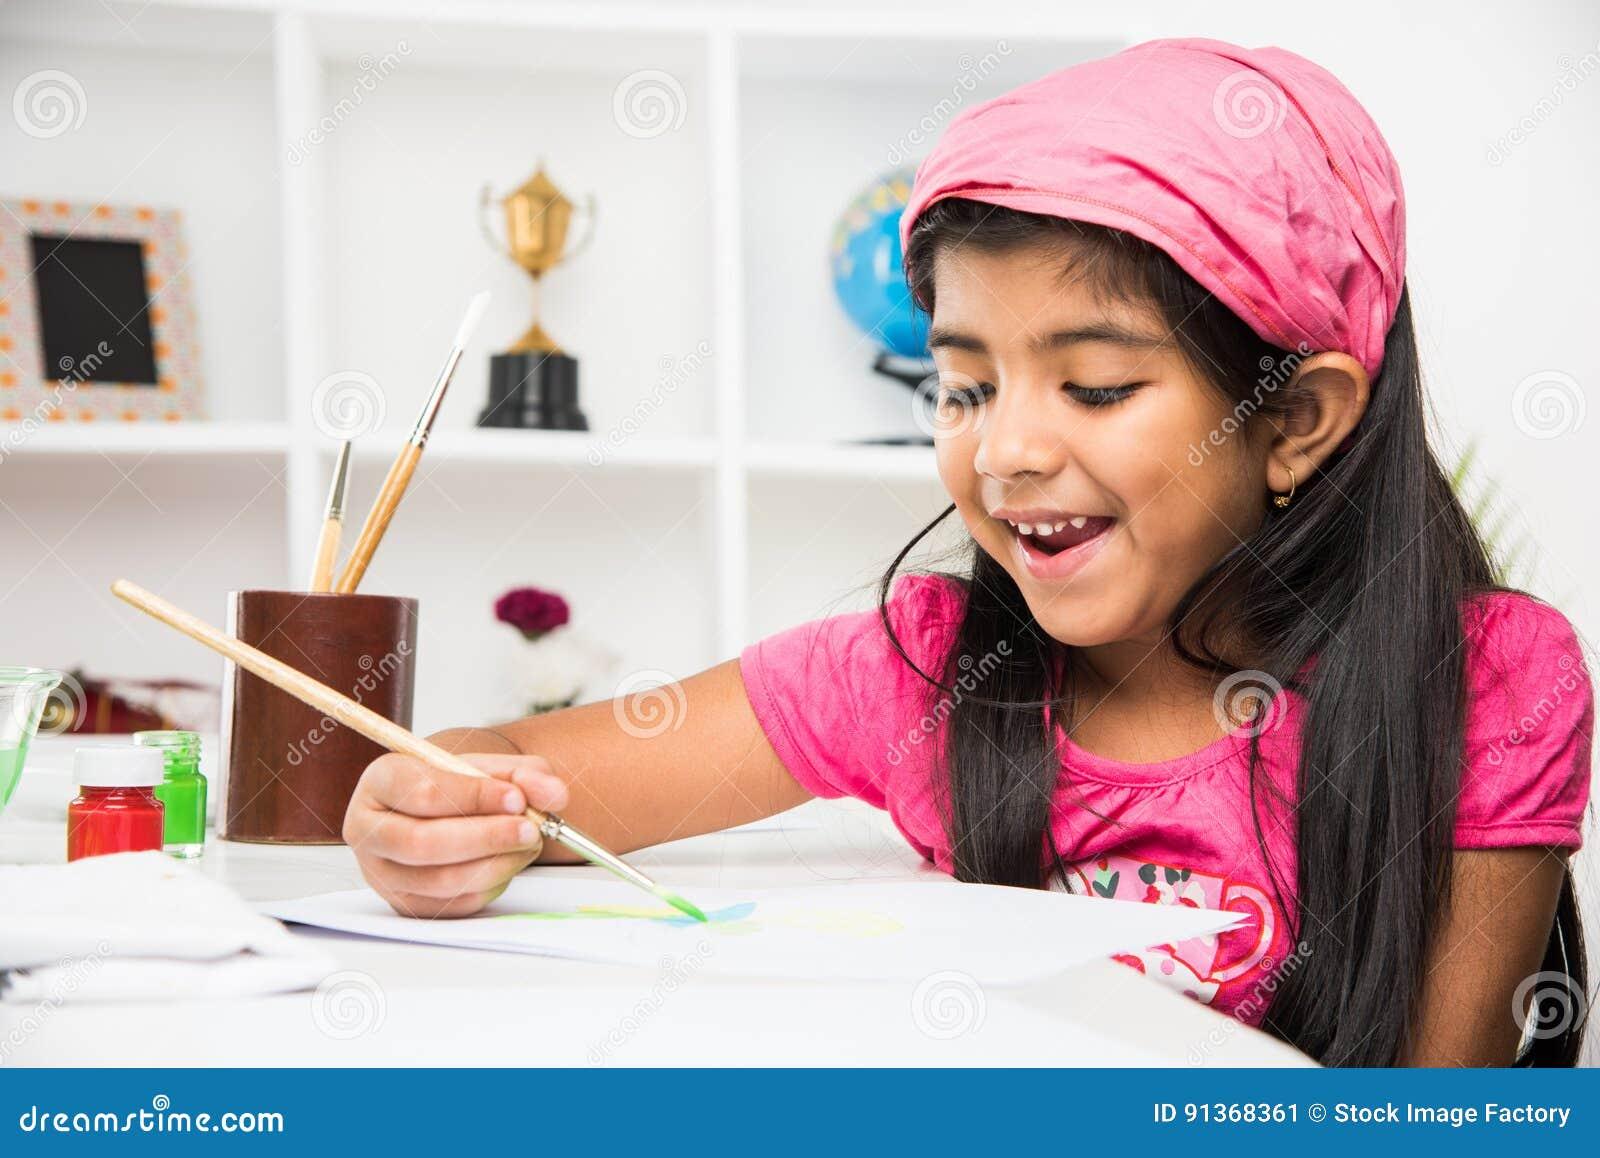 Piccola ragazza indiana occupata in disegno o pittura o coloritura